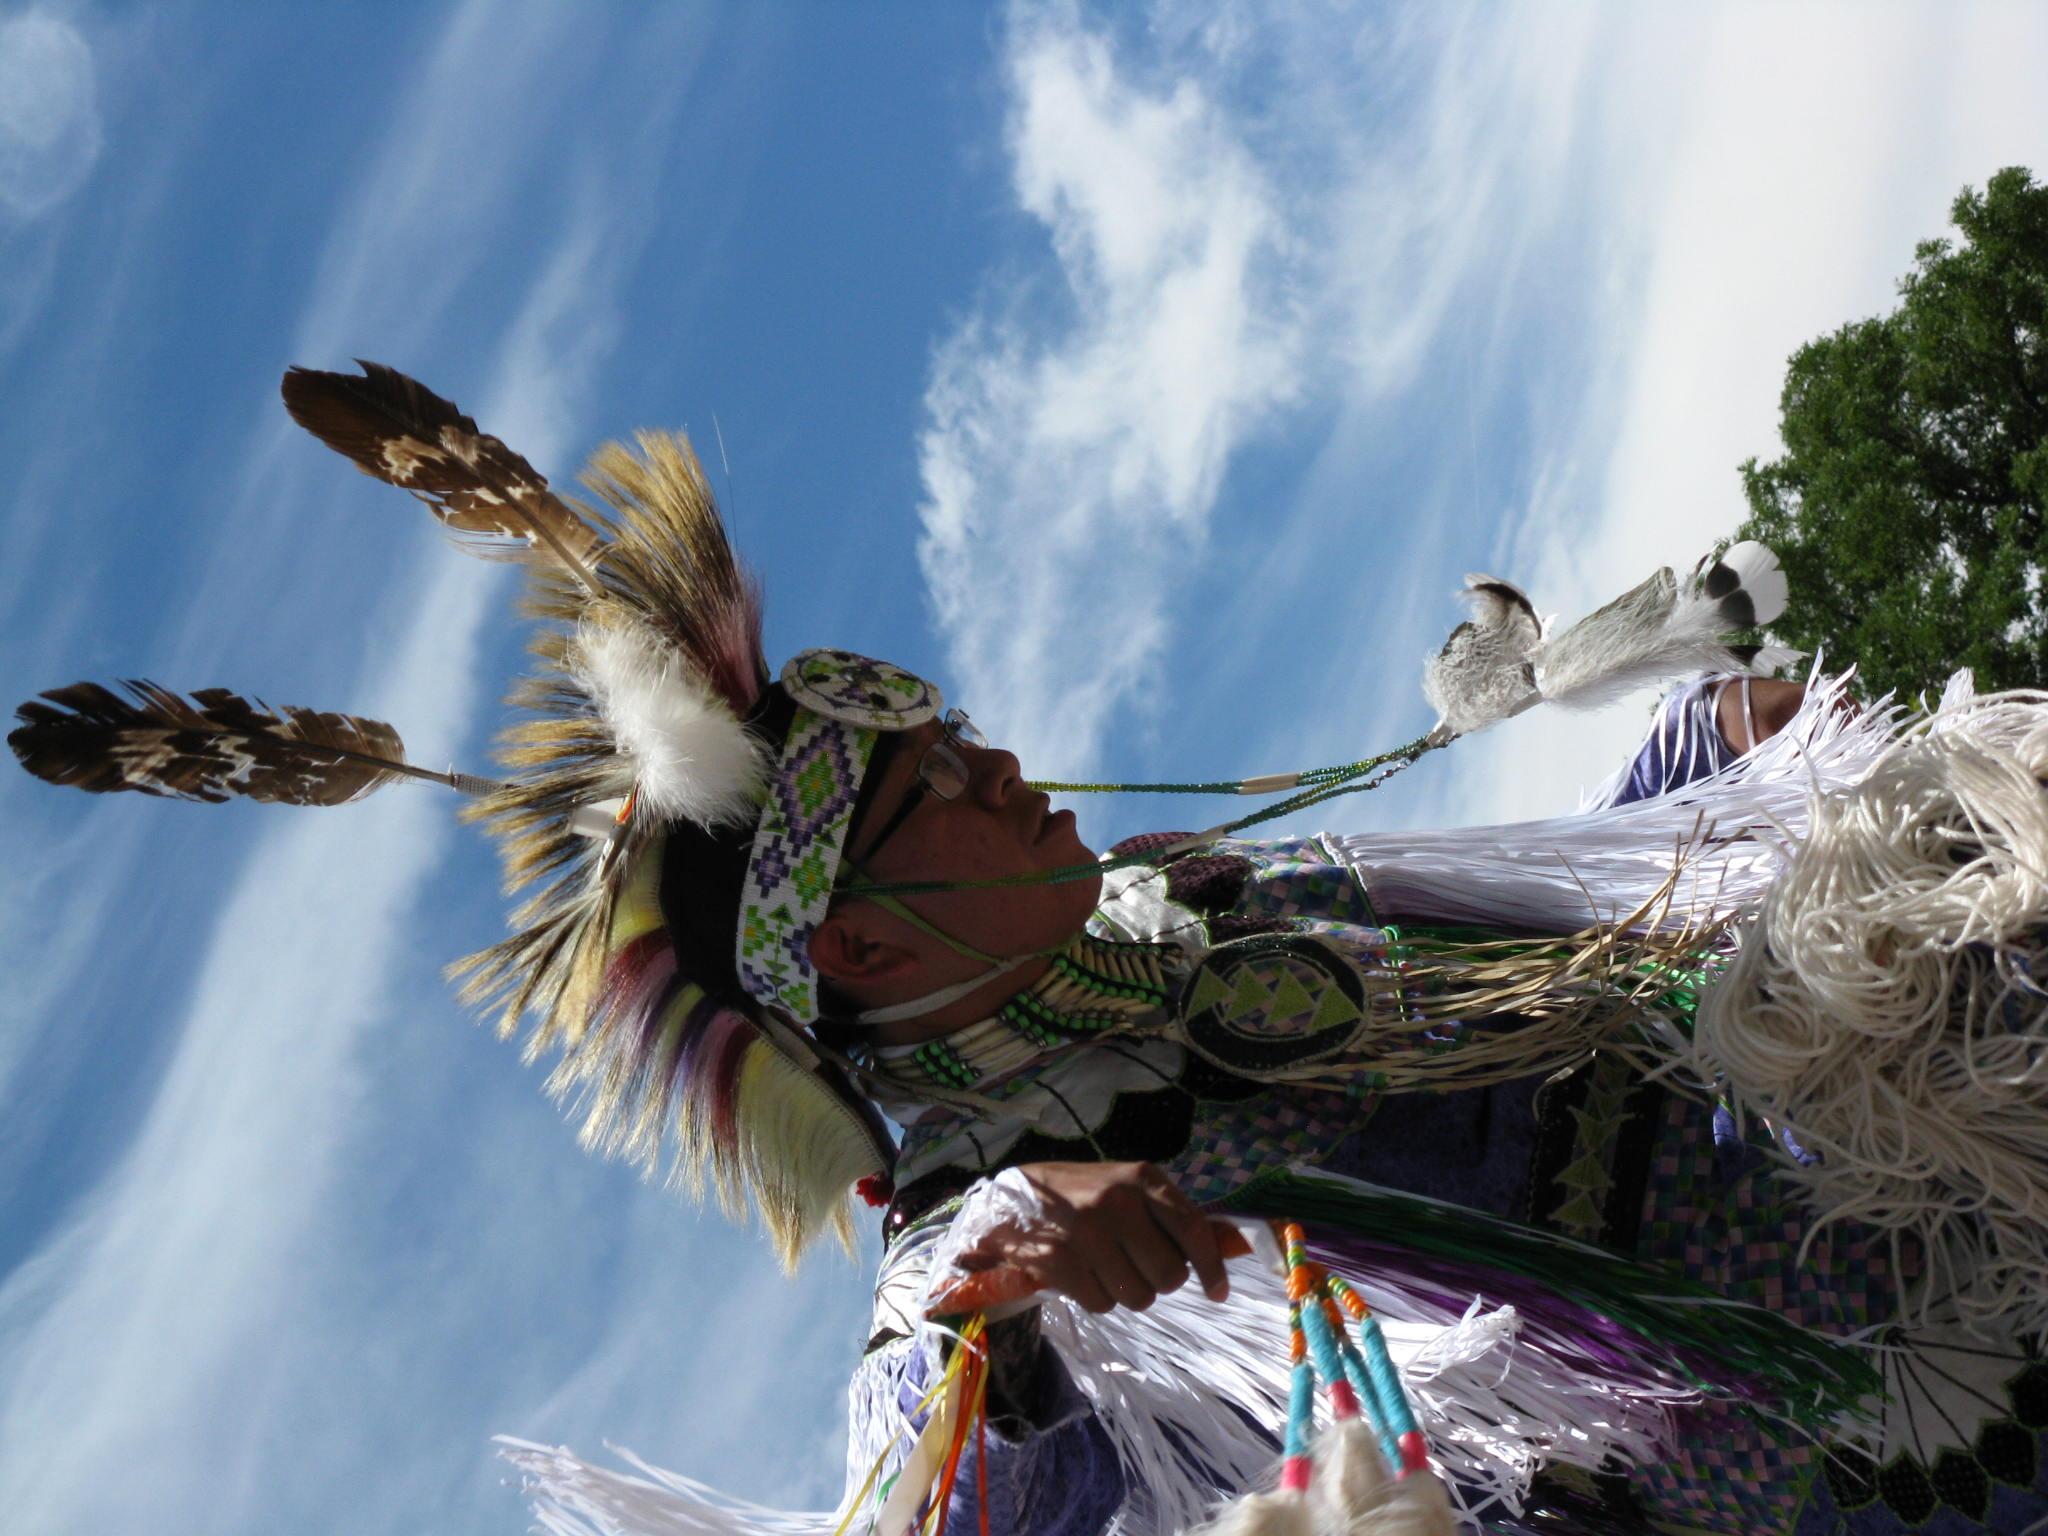 http://stormrunneraz.tripod.com/navajo71.jpg